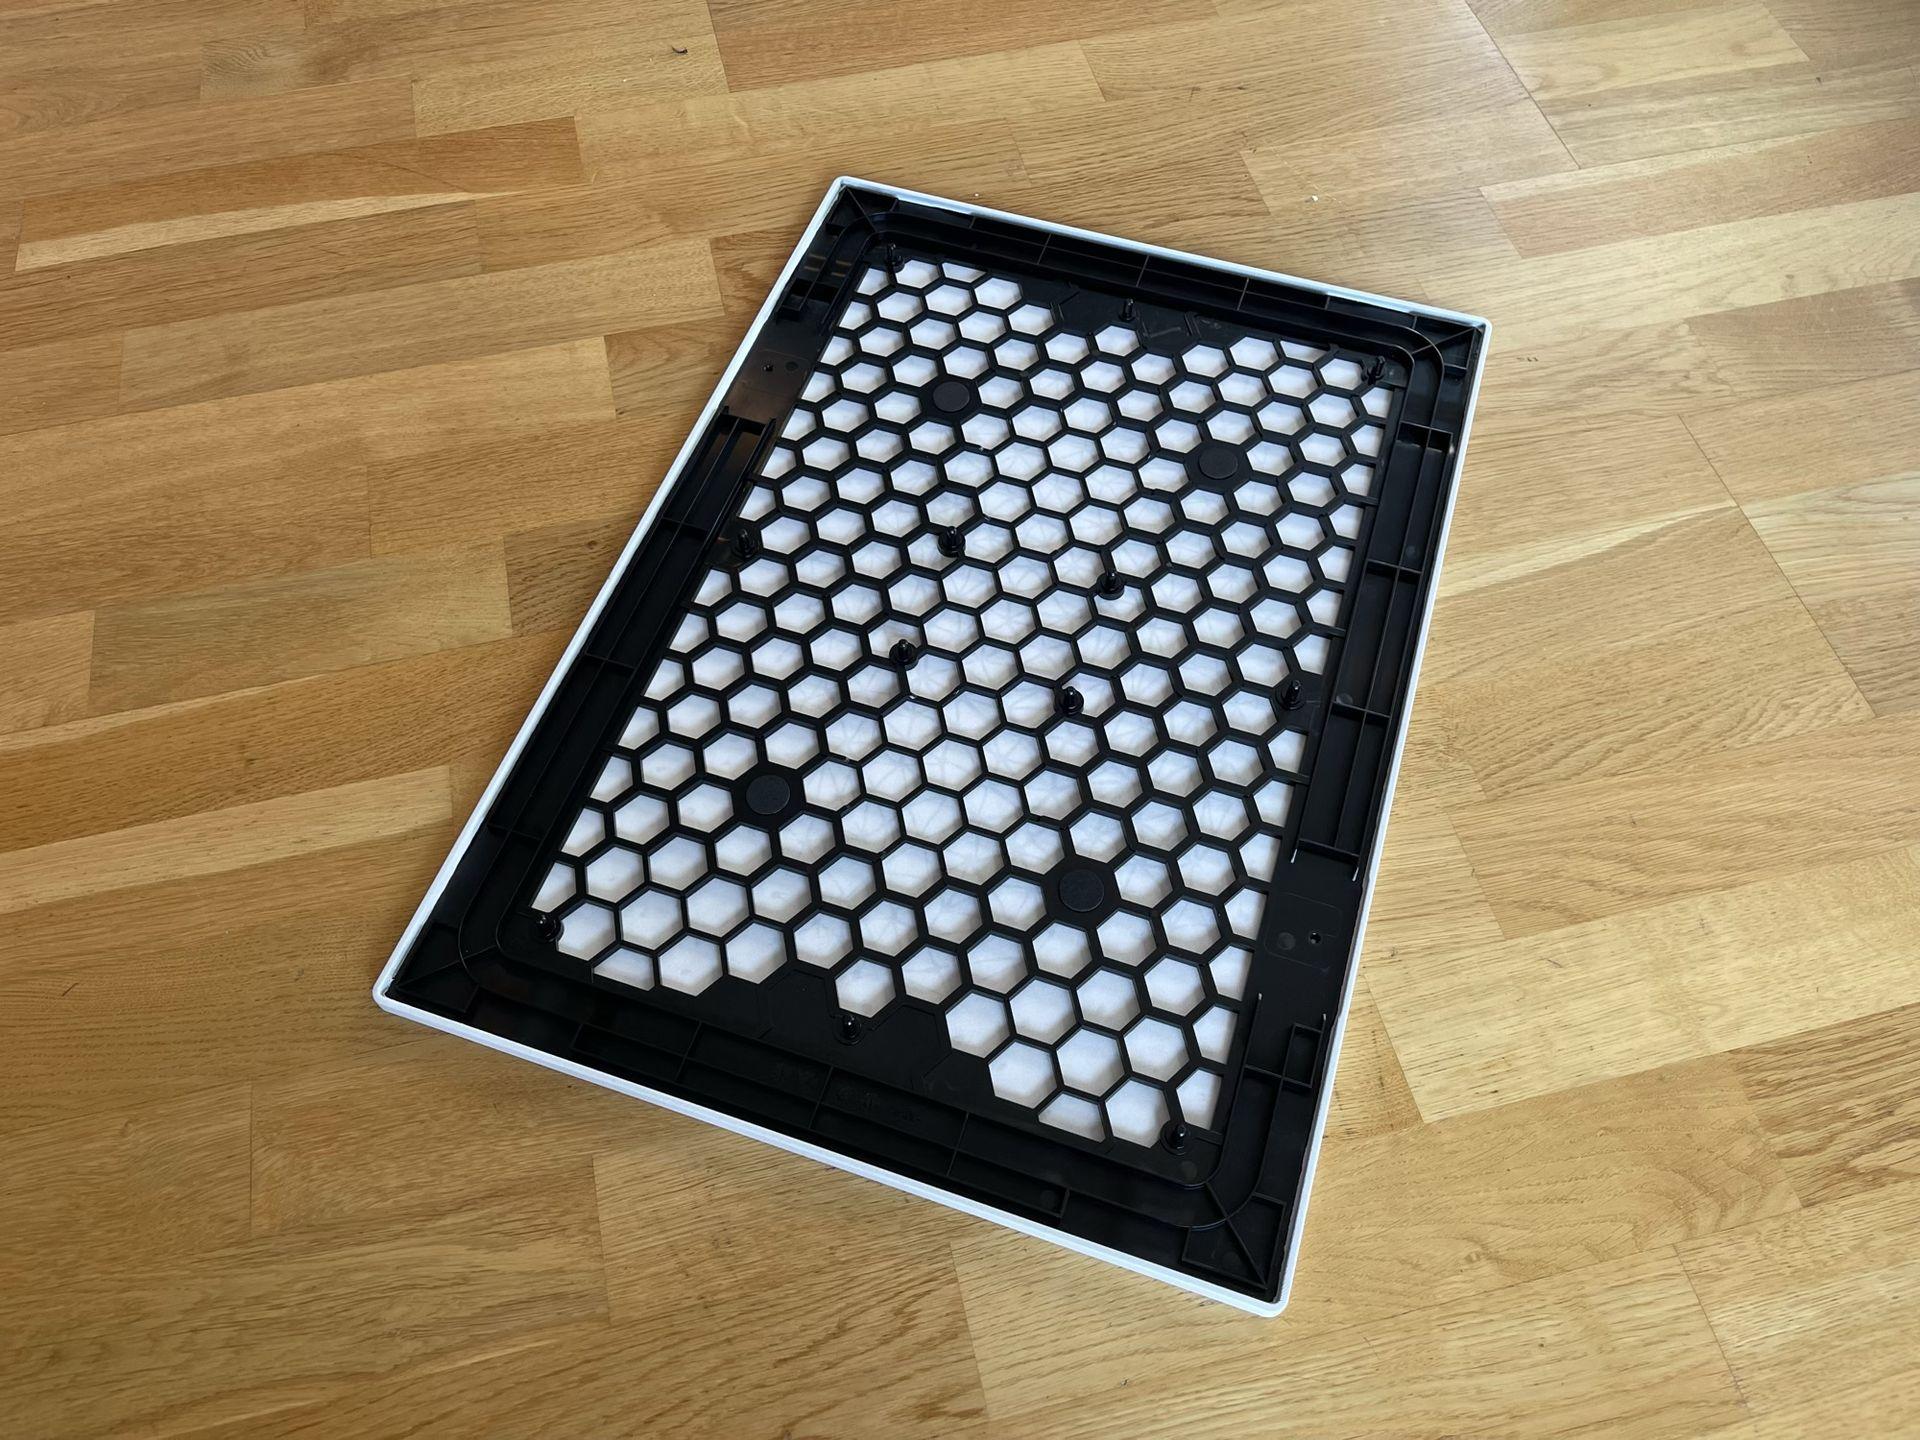 Ikeas tavelhögtalare borde gå att hacka med egna motiv